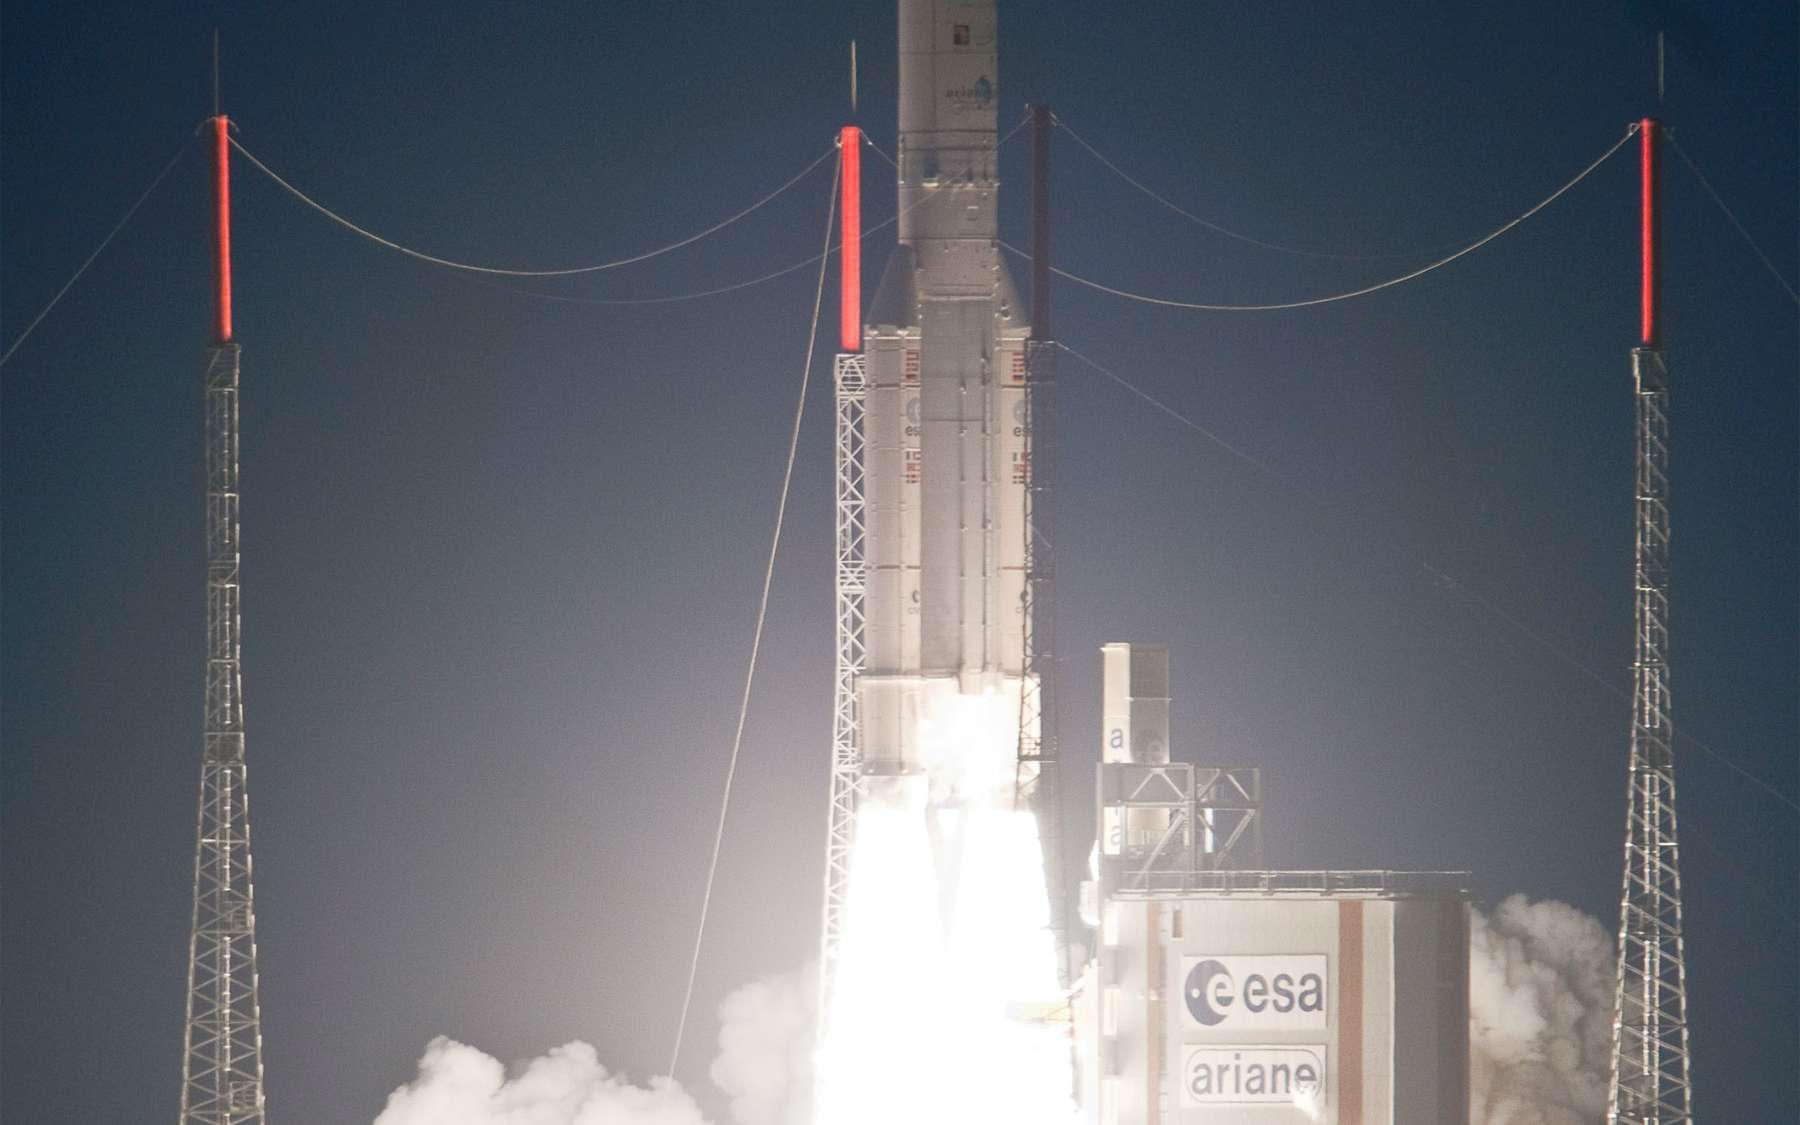 Après l'ATV Johannes Kepler en février, la deuxième mission de l'année d'Ariane 5 a été réalisée avec succès. Le lanceur européen a lancé deux satellites de télécommunications représentant un record de masse à satelliser. © Esa/Cnes/Arianespace/Photo Optique vidéo du CSG & S. Martin